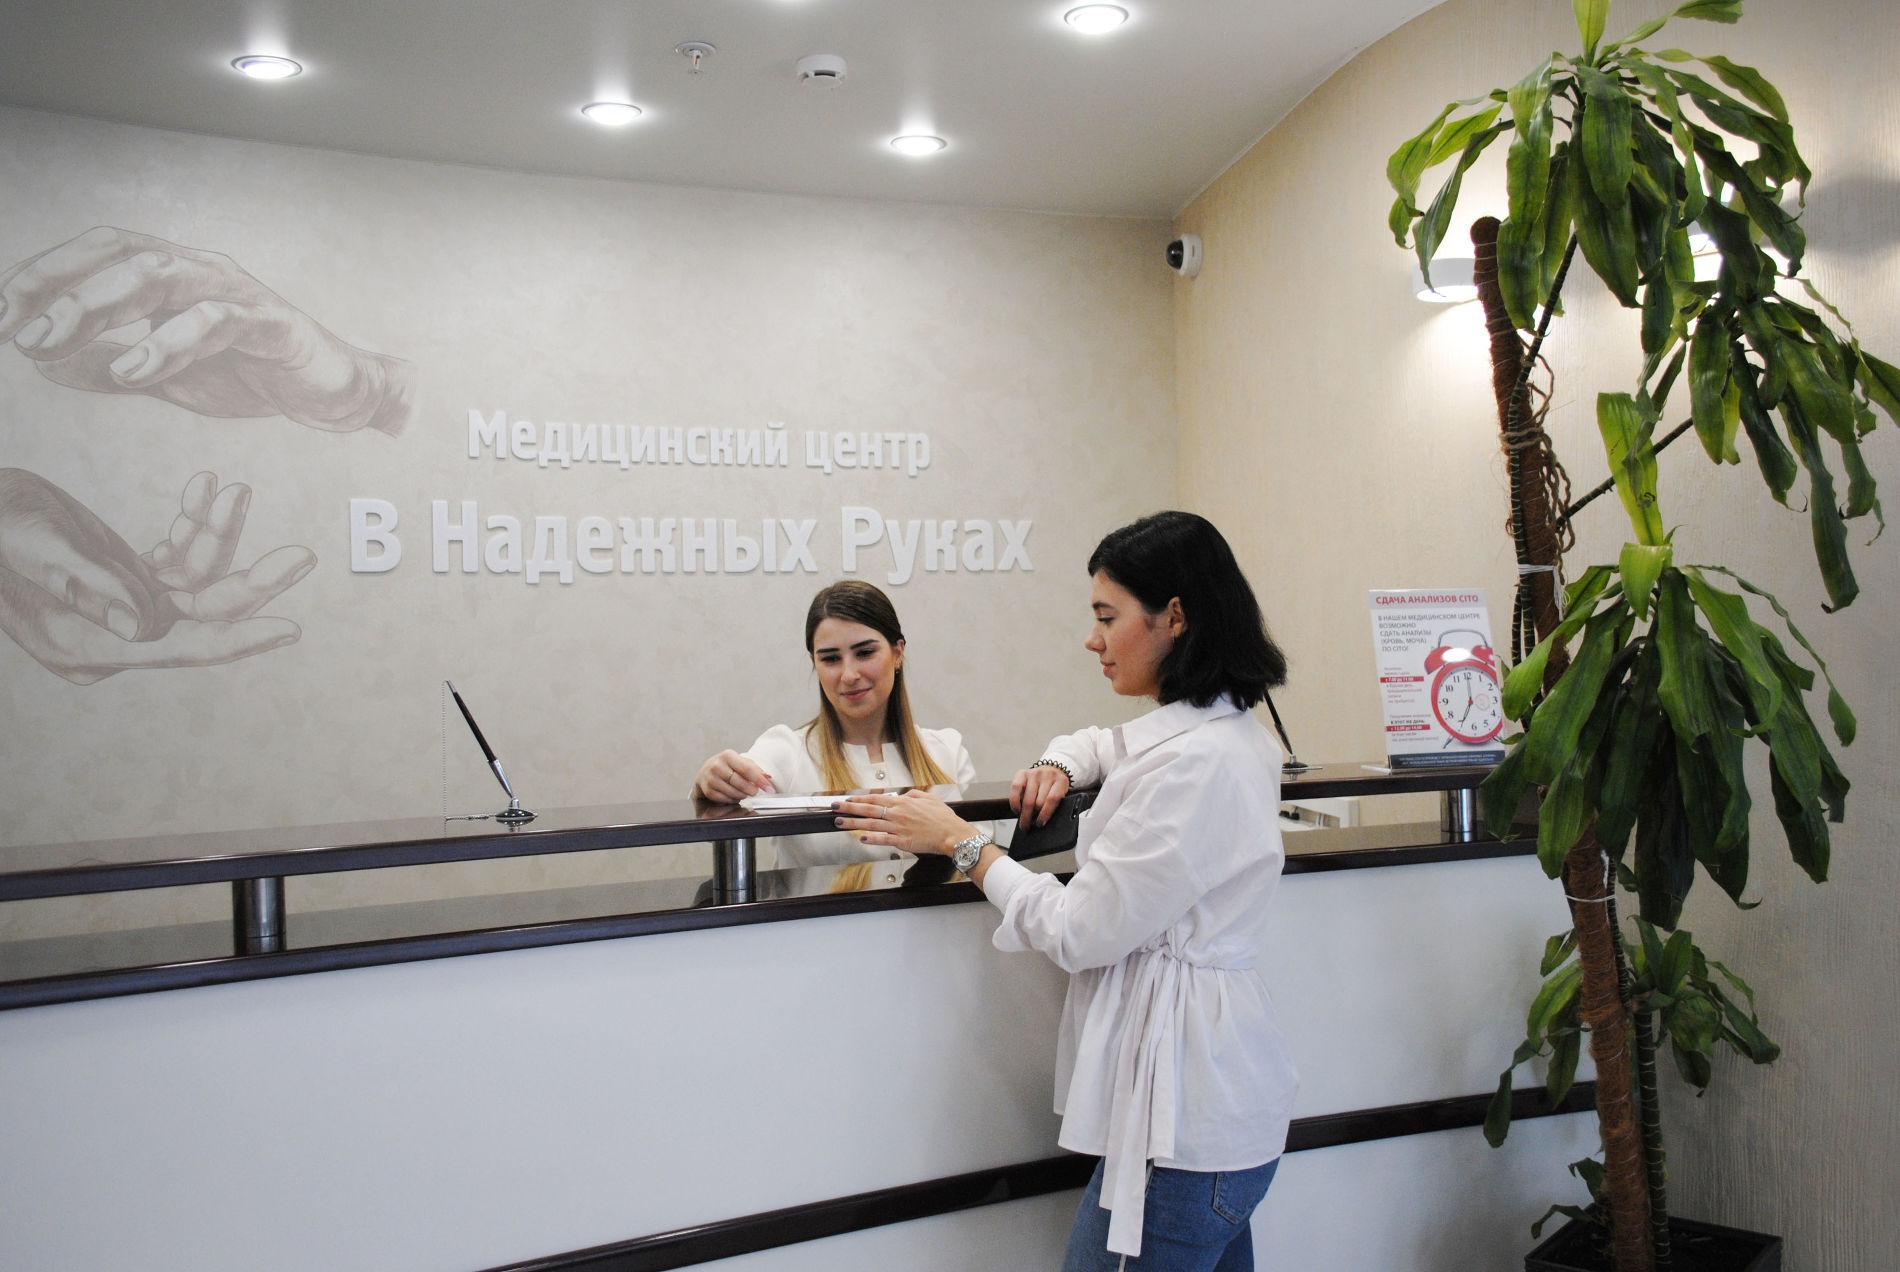 ©Фото пресс-службы медицинского центра «В надежных руках»